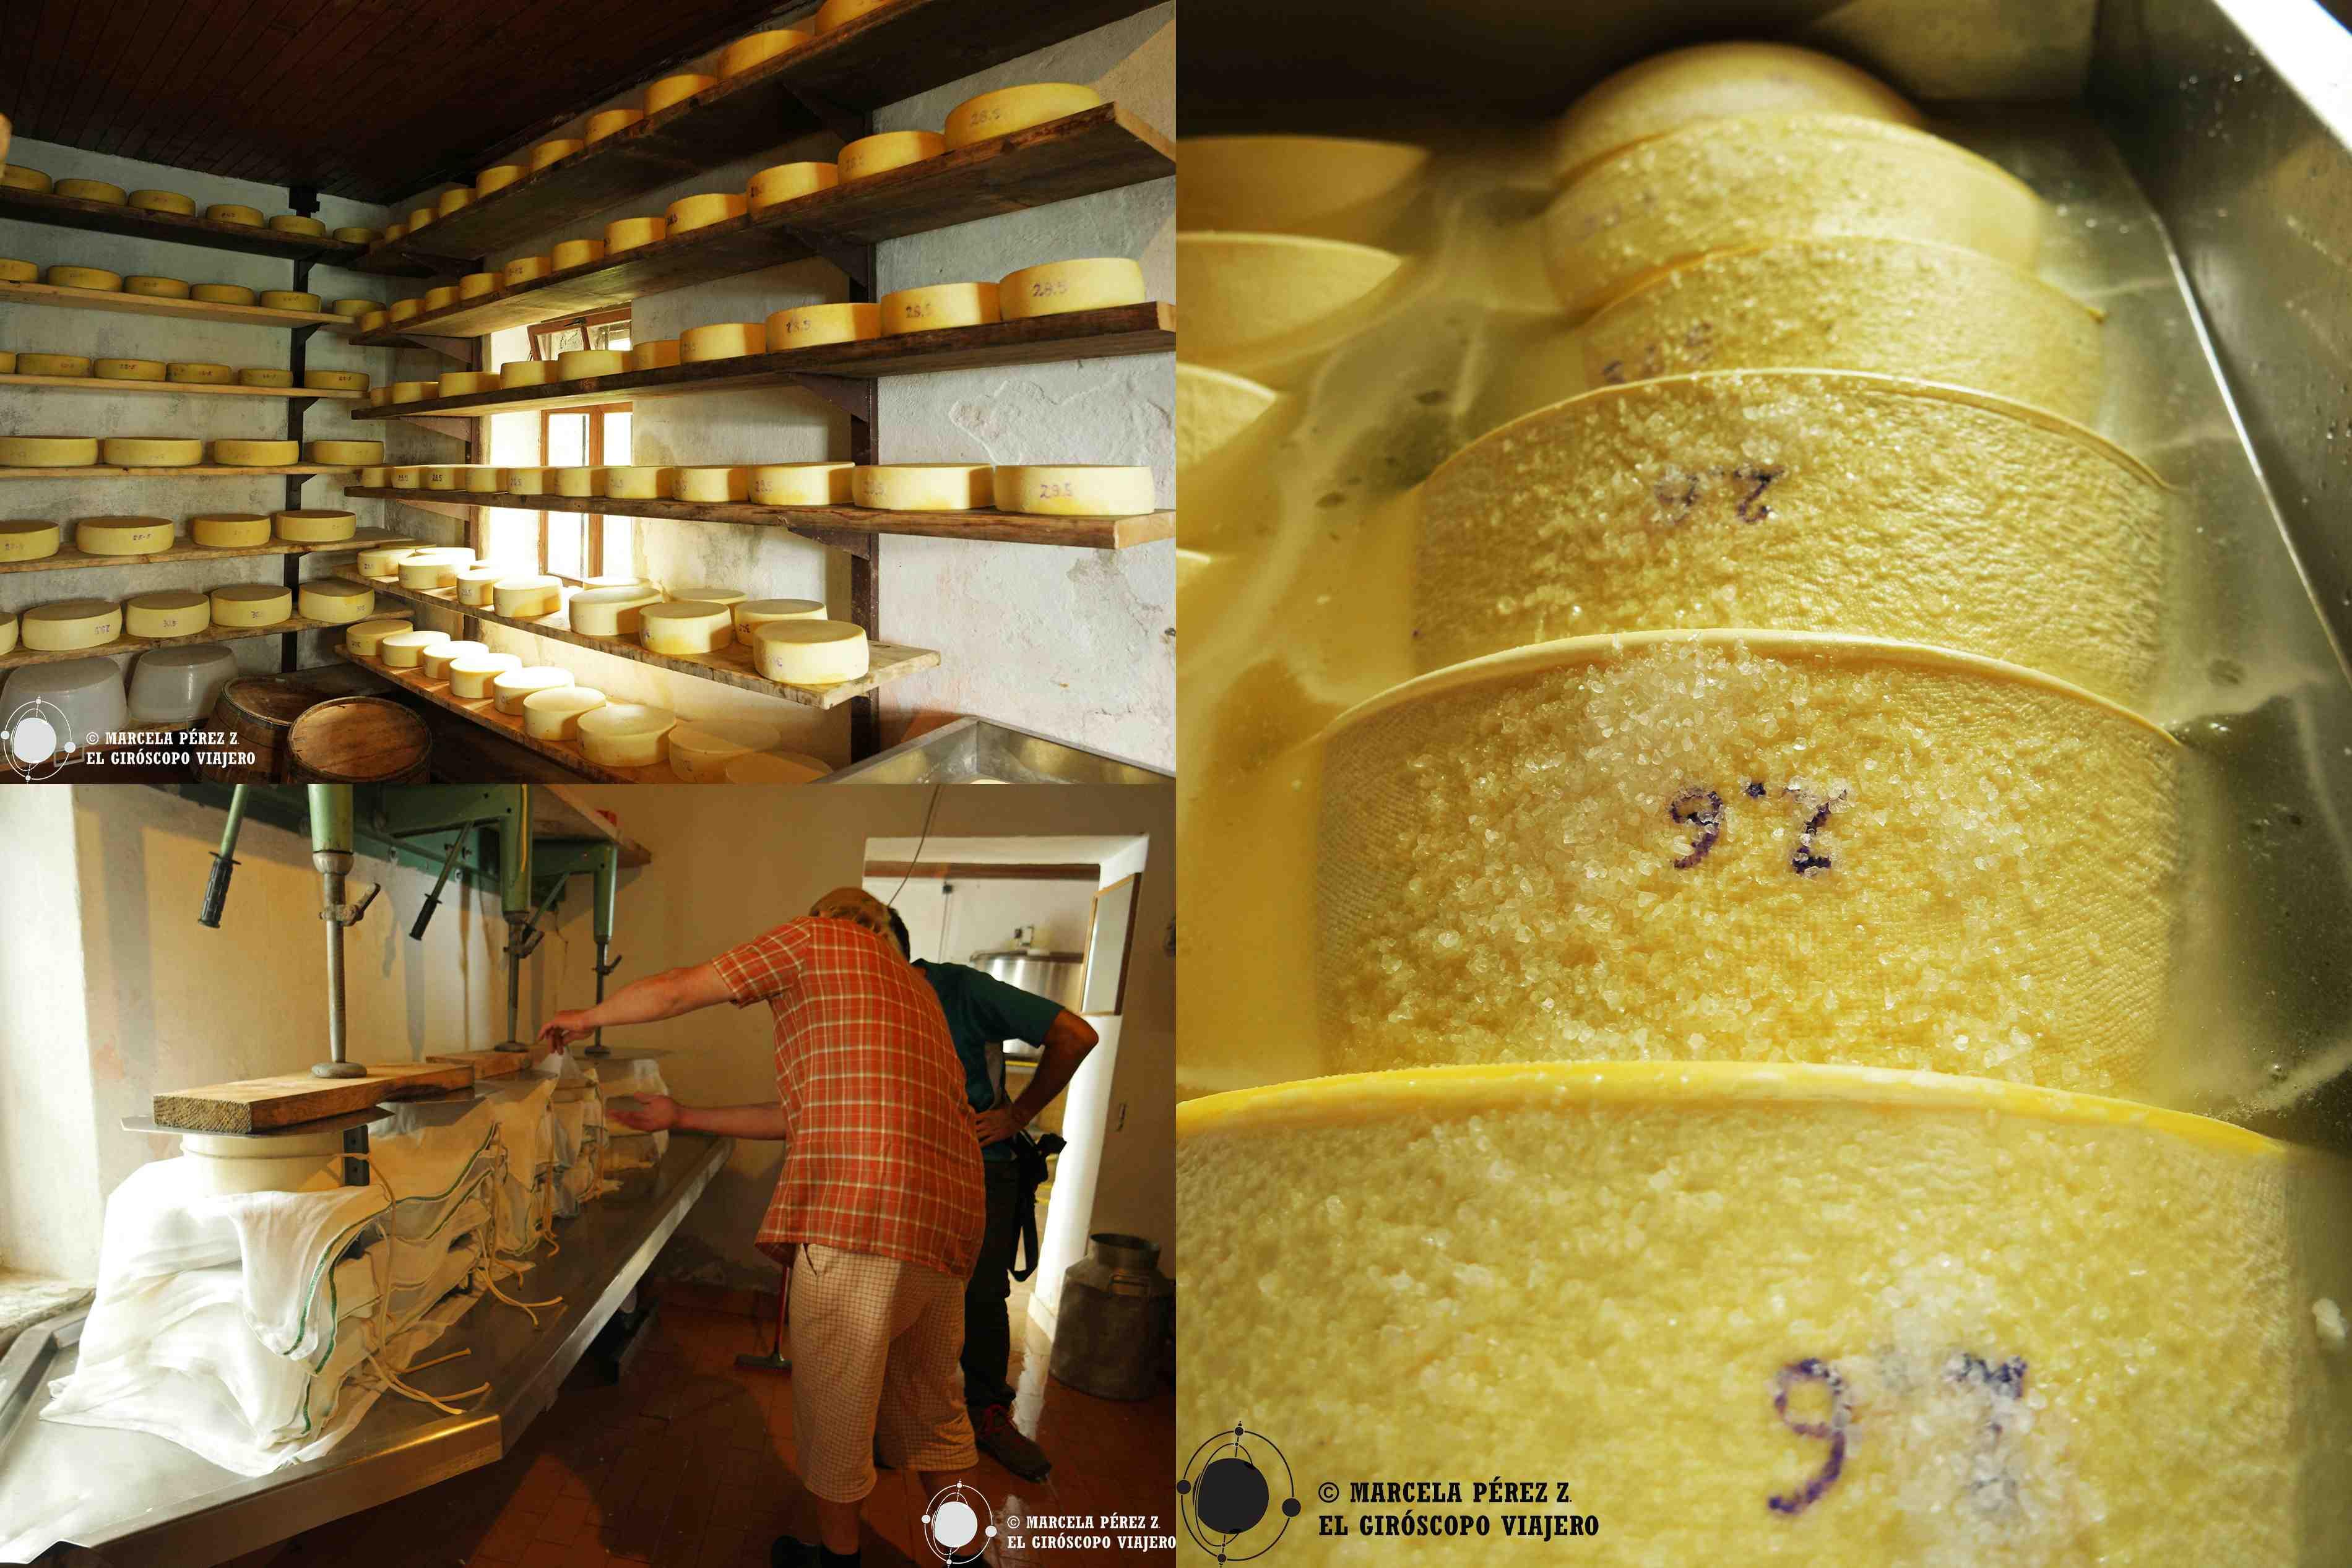 Fabricación de queso en la casa de pastores de Medrje